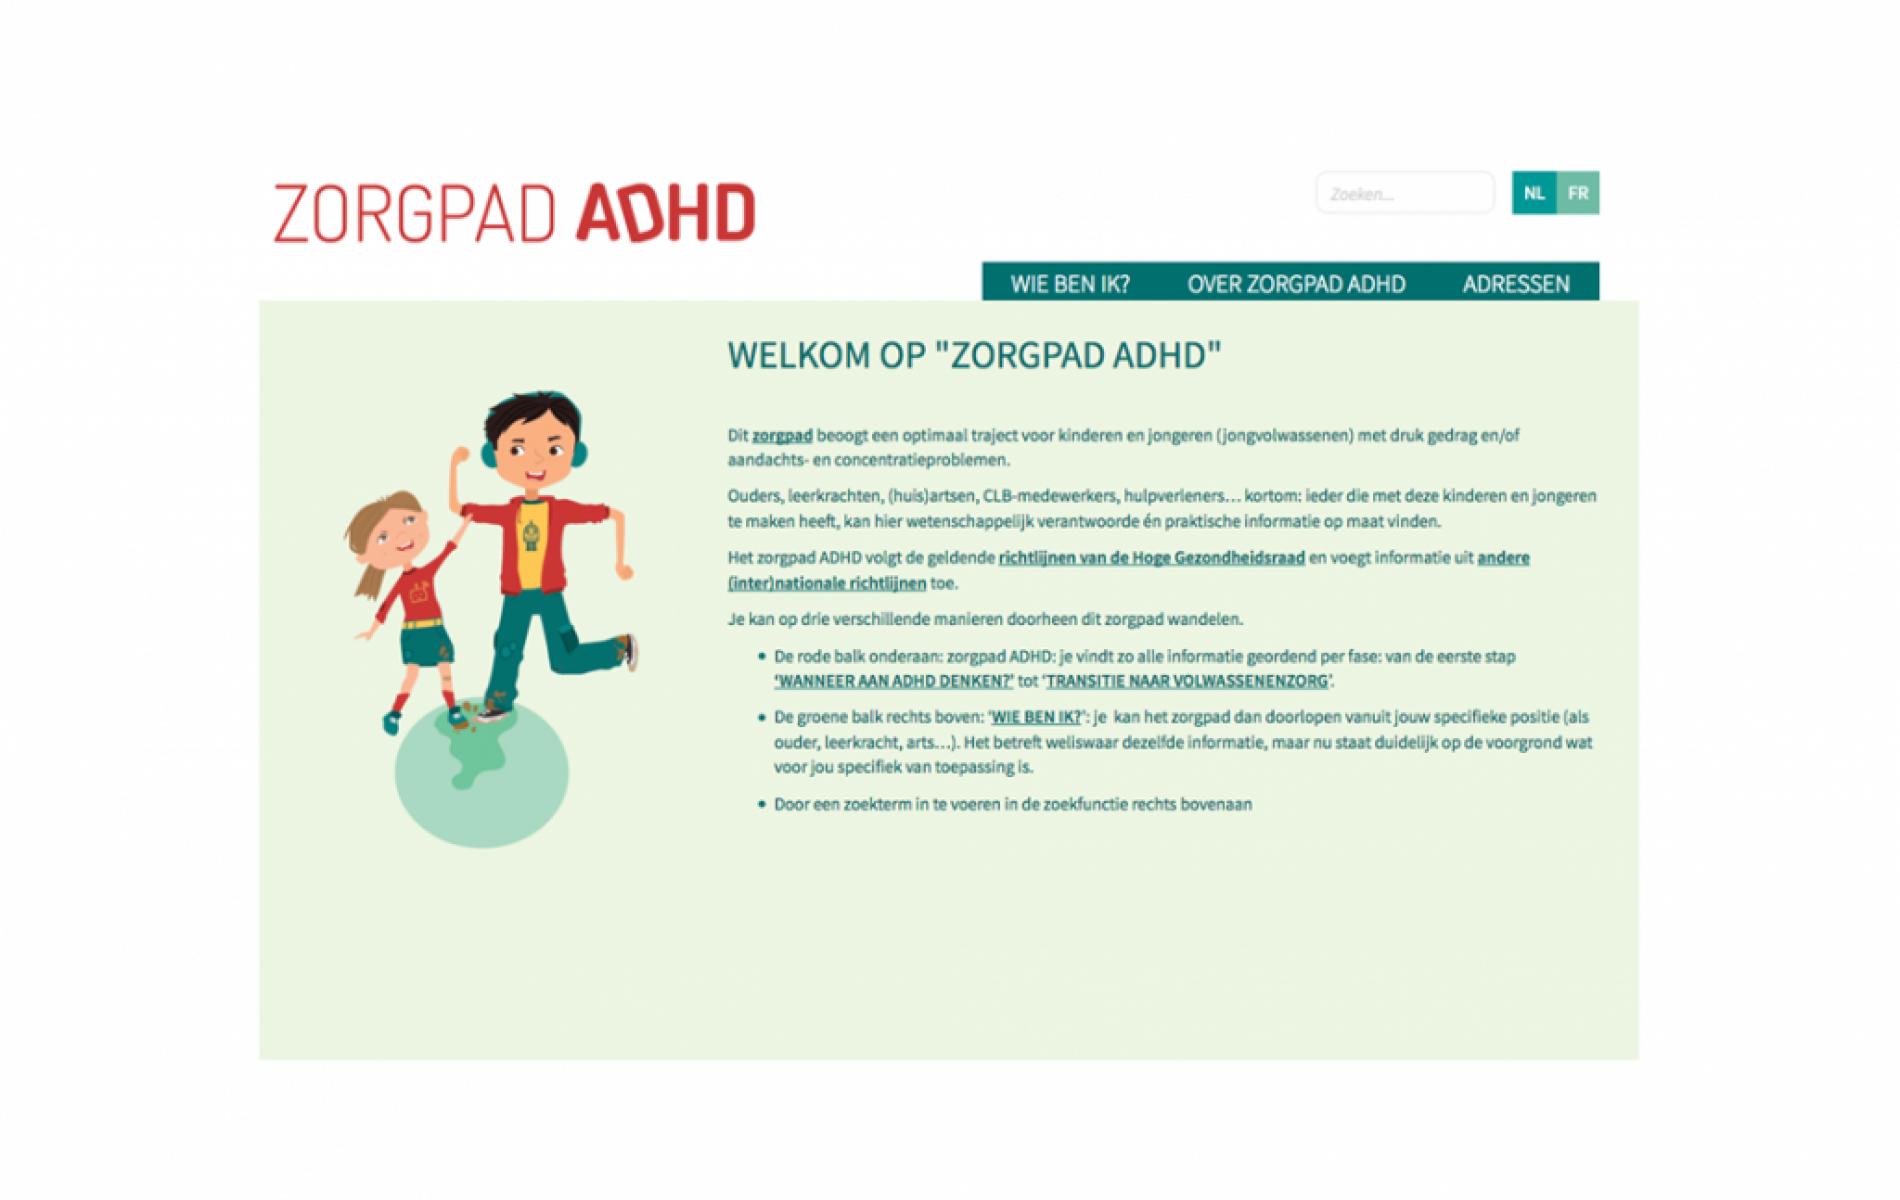 ADHD-informatie voor diverse doelgroepen